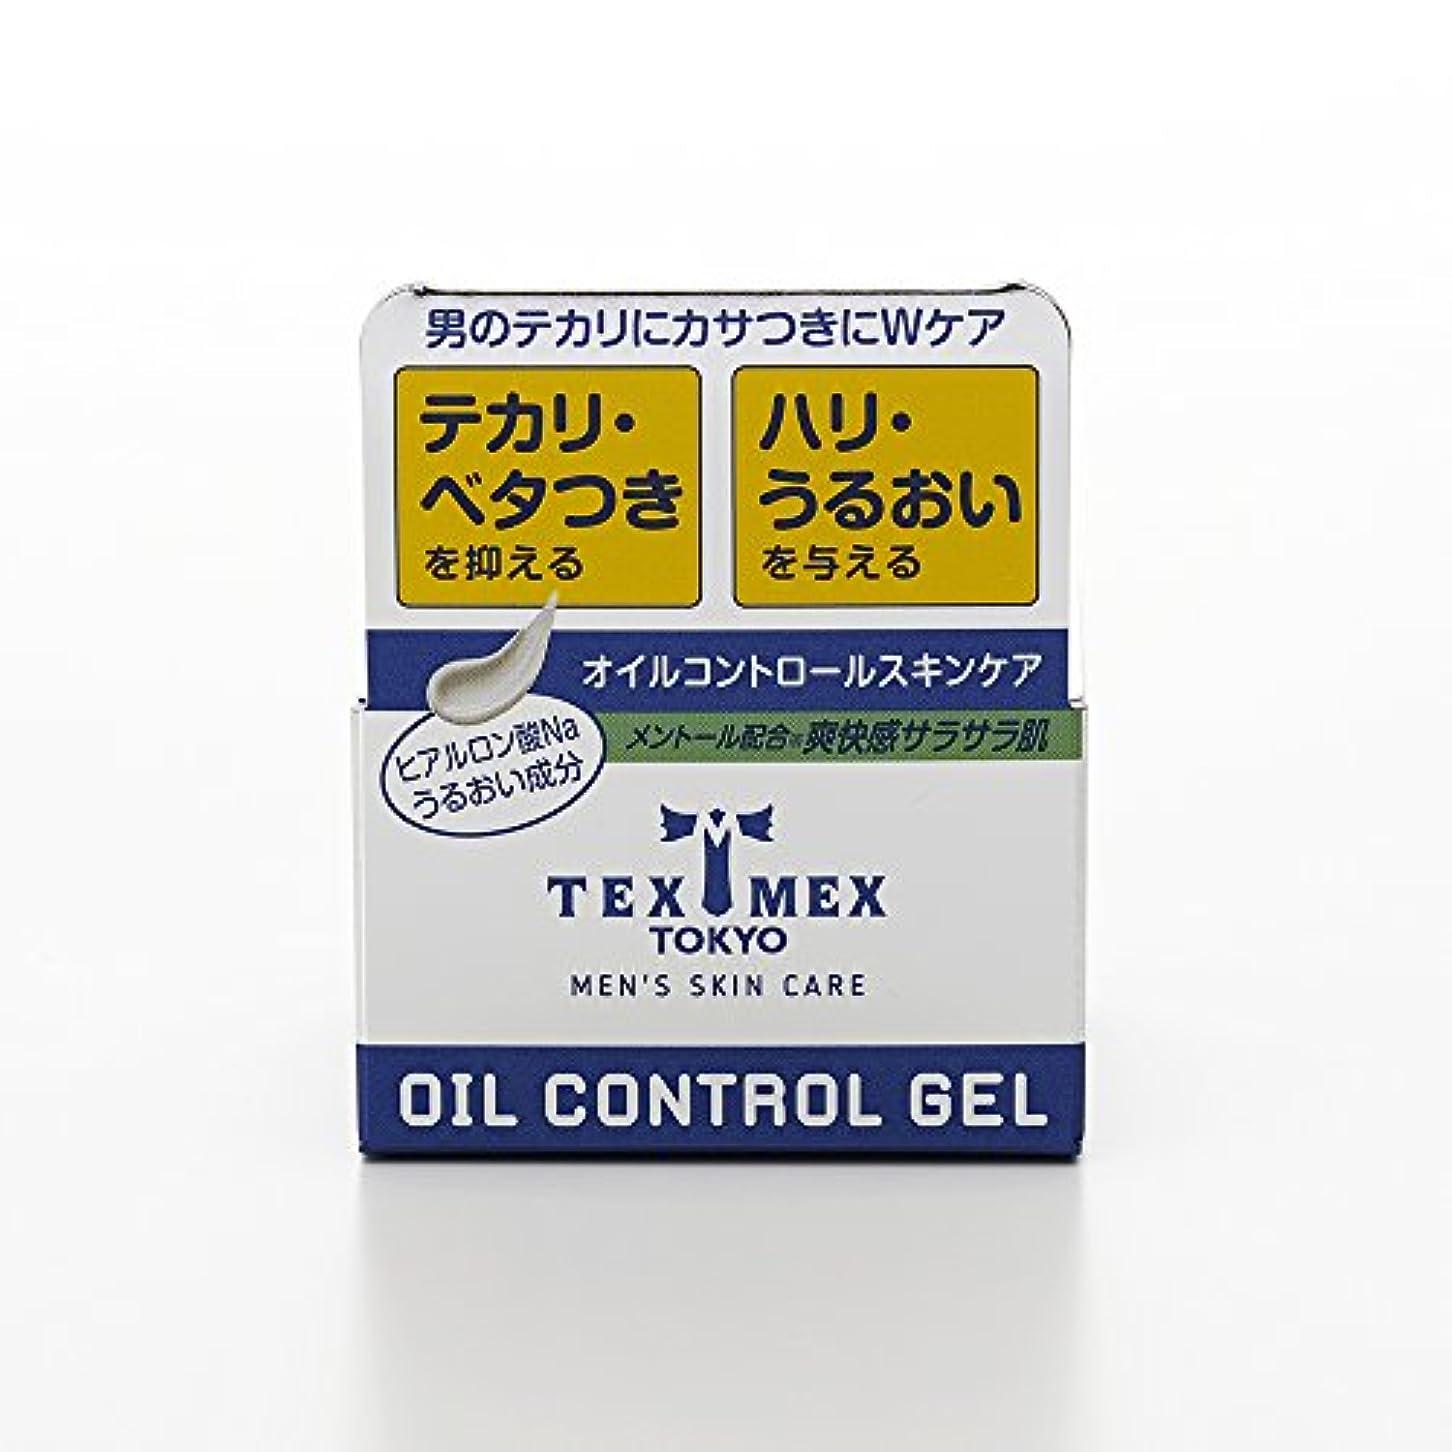 ルーキー有能な偽善テックスメックス オイルコントロールジェル 24g (テカリ防止ジェル) 【塗るだけでサラサラ肌に】